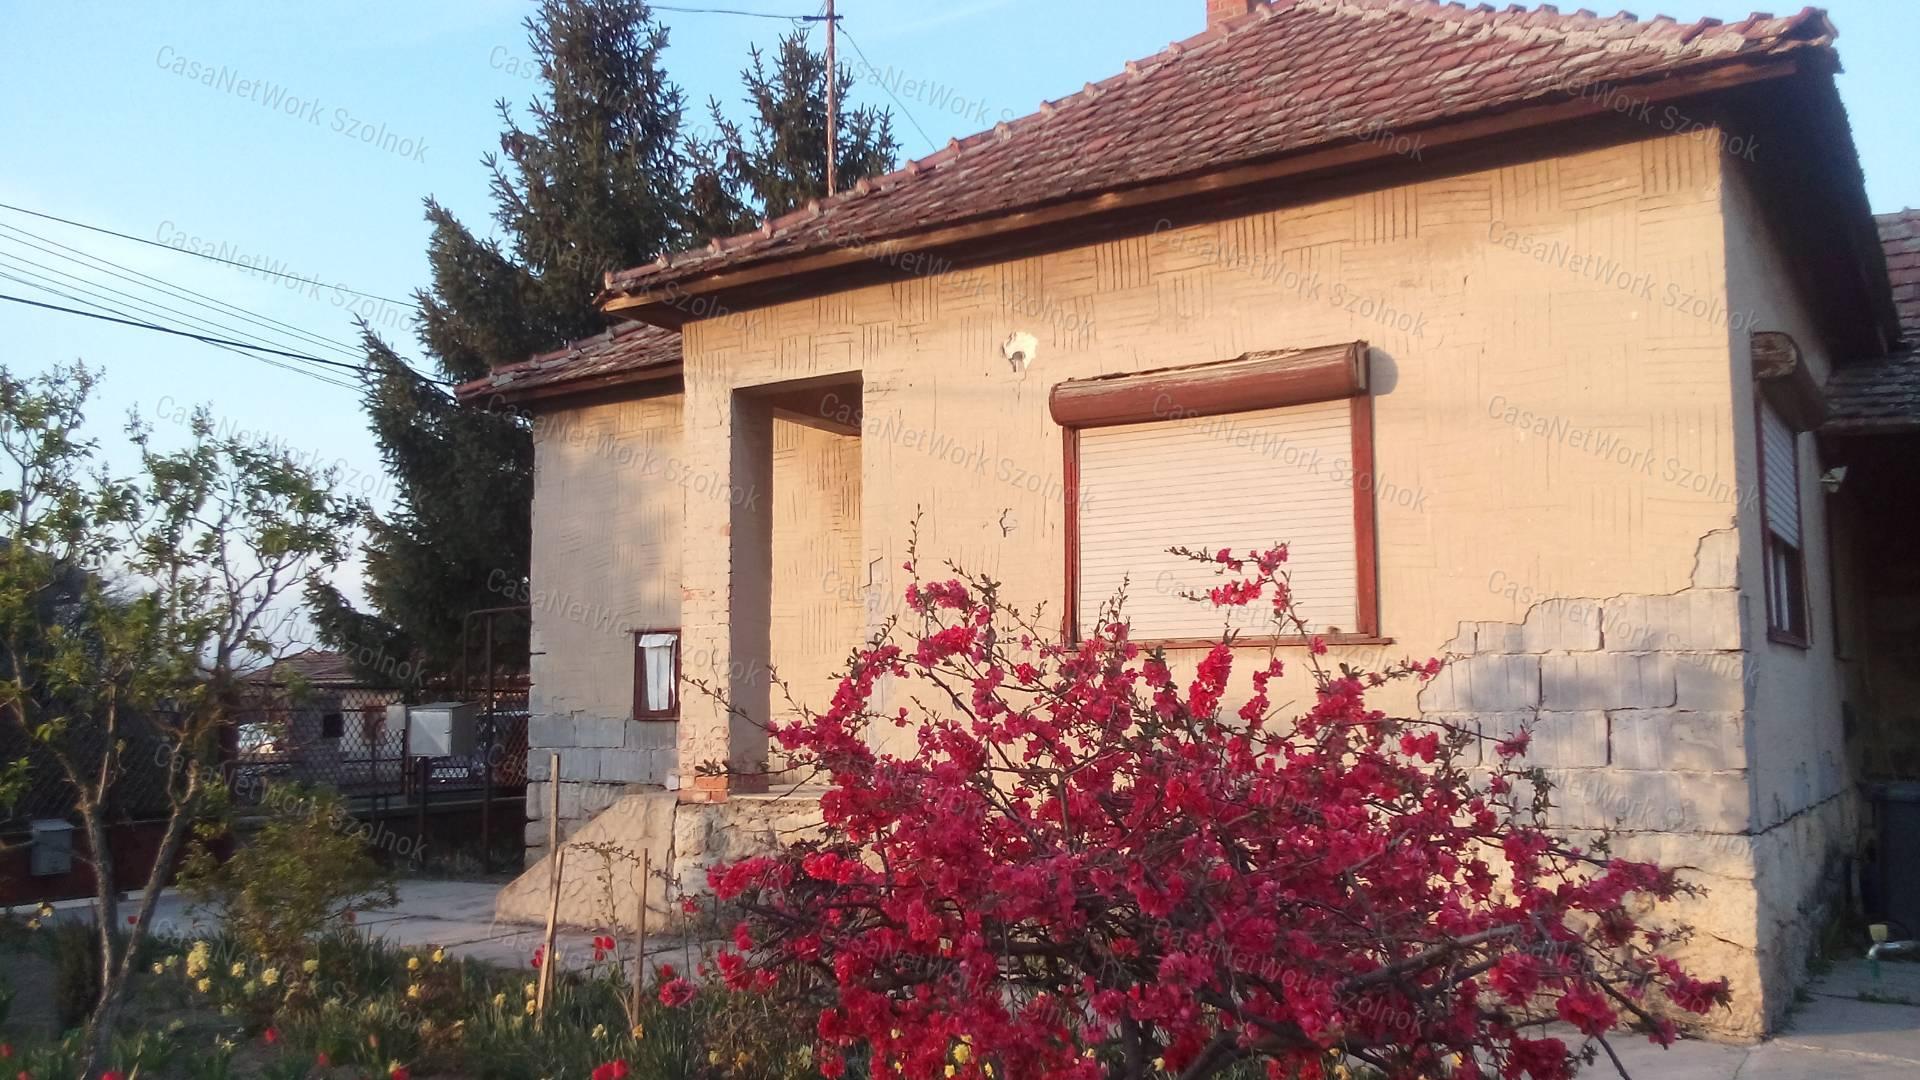 Eladó családi ház, Jász-Nagykun-Szolnok megye, Tiszaföldvár (Homok) - sz.: 155802745 - CasaNetWork.hu